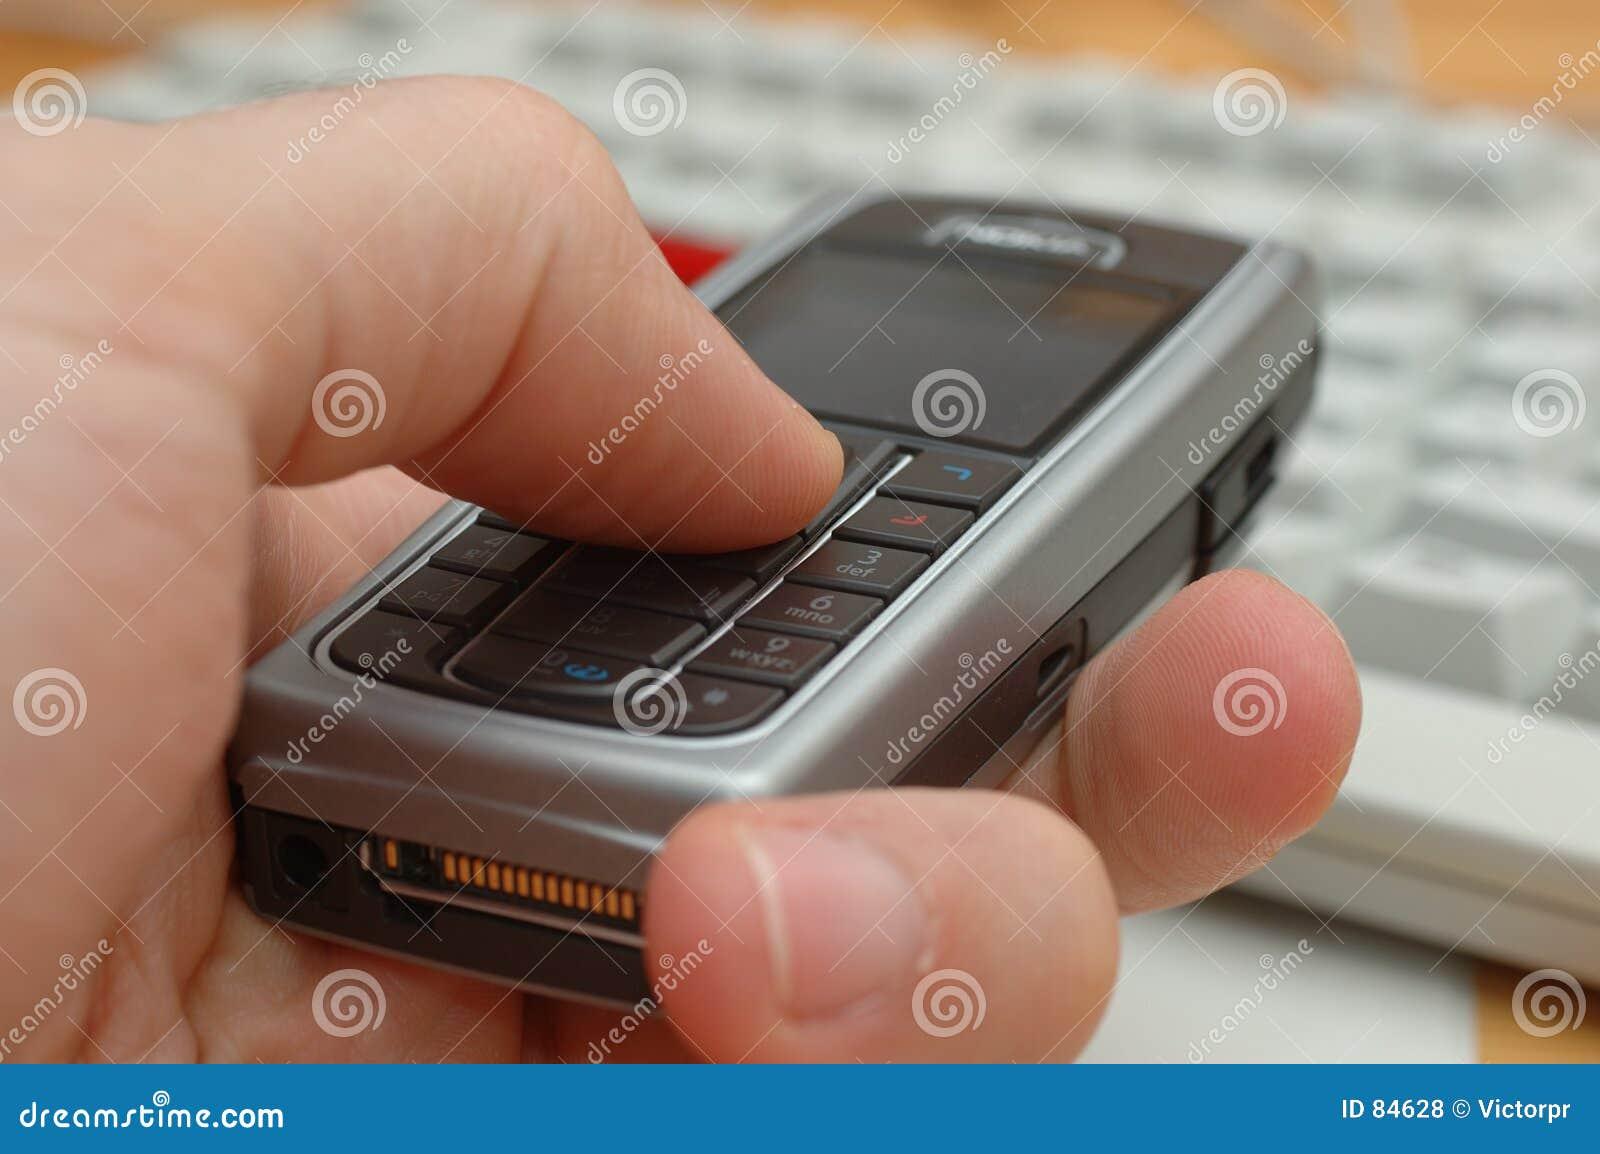 Teléfono celular en una mano